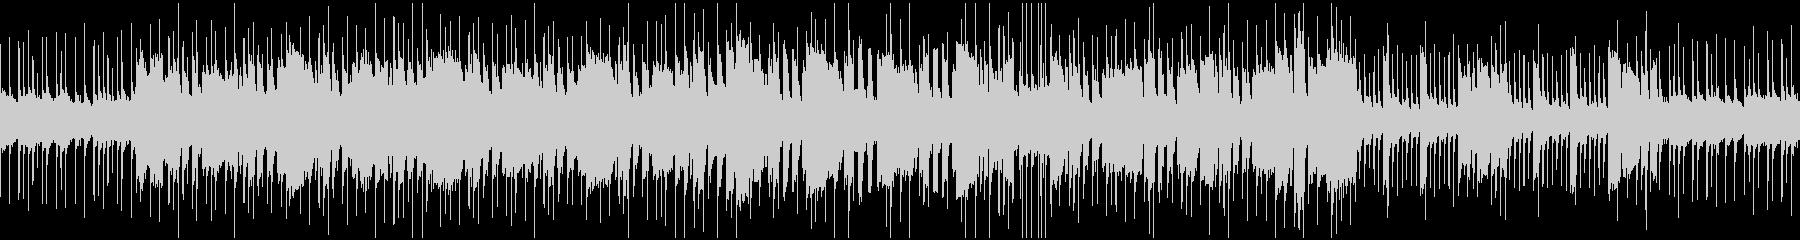 激しいロックのオーソドックスなBGMの未再生の波形